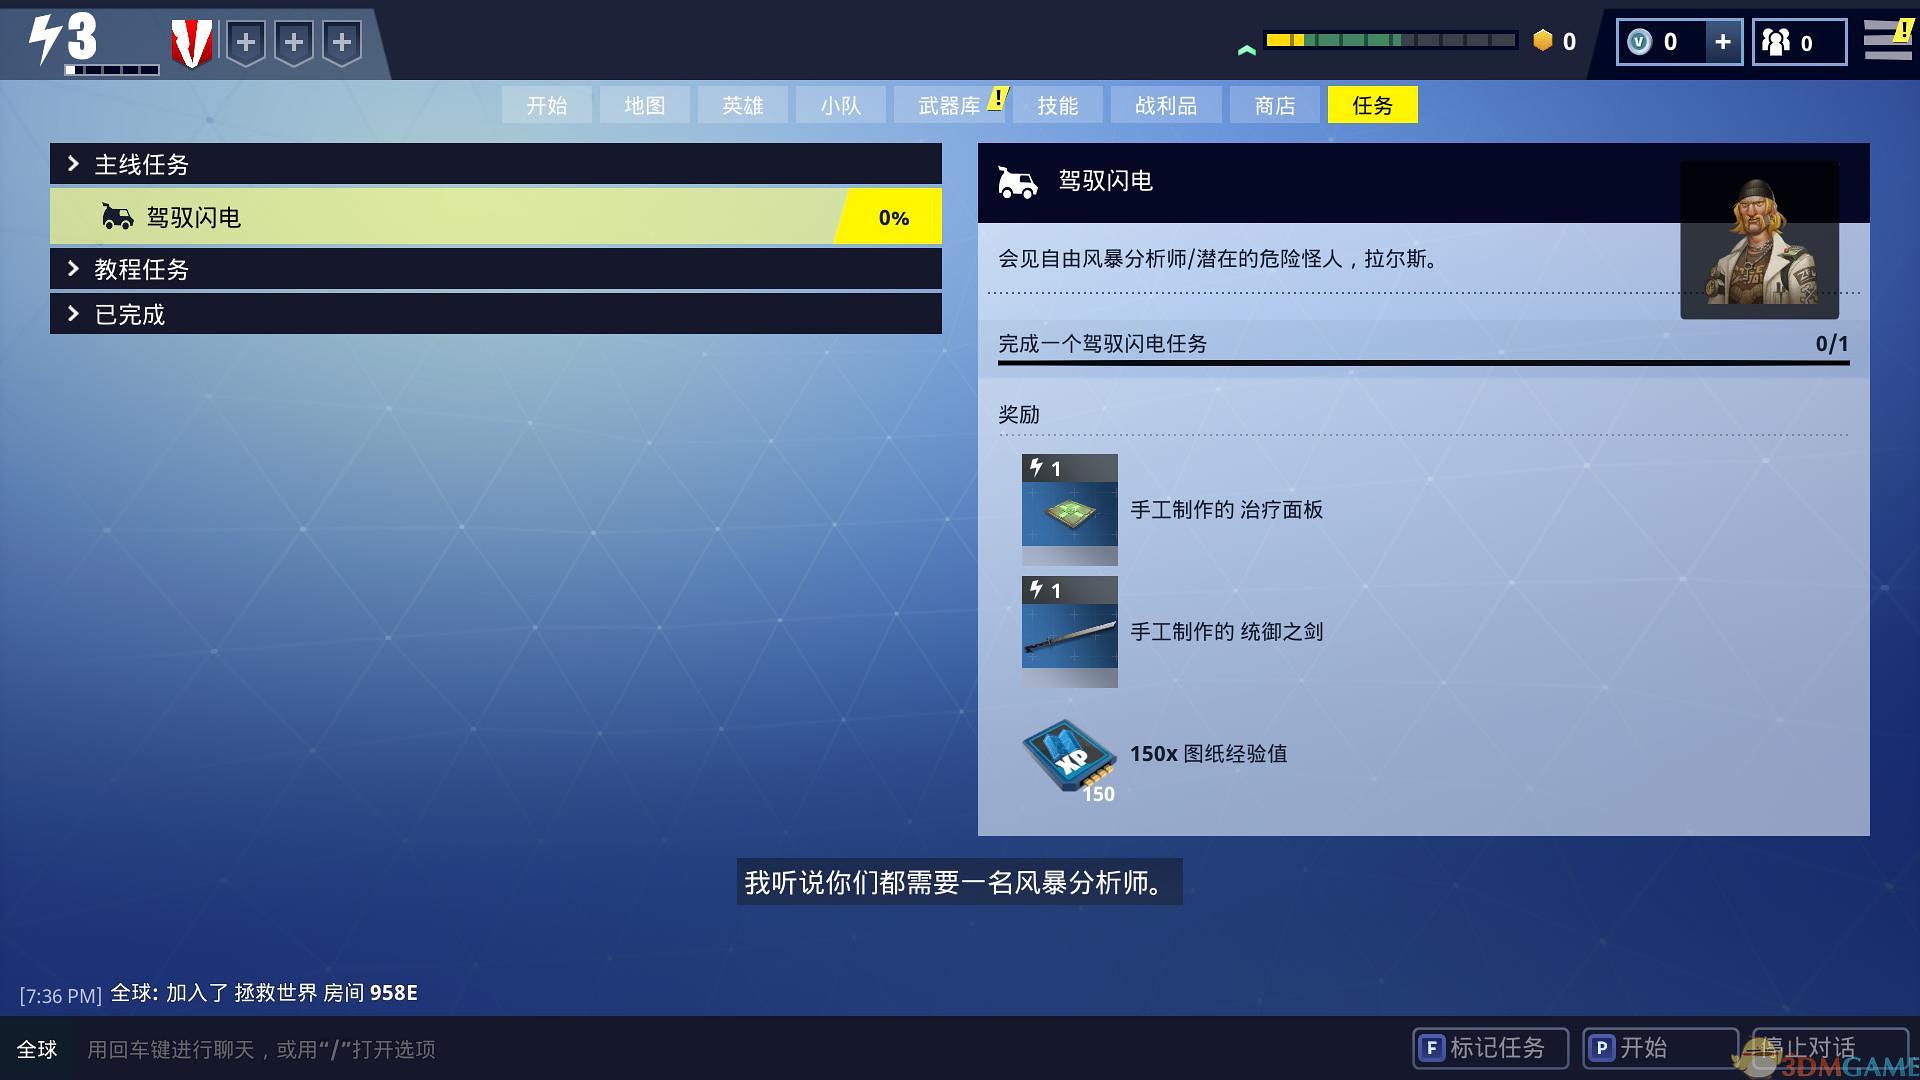 歪玩盒子加速器官方客户端v1.0.3.930